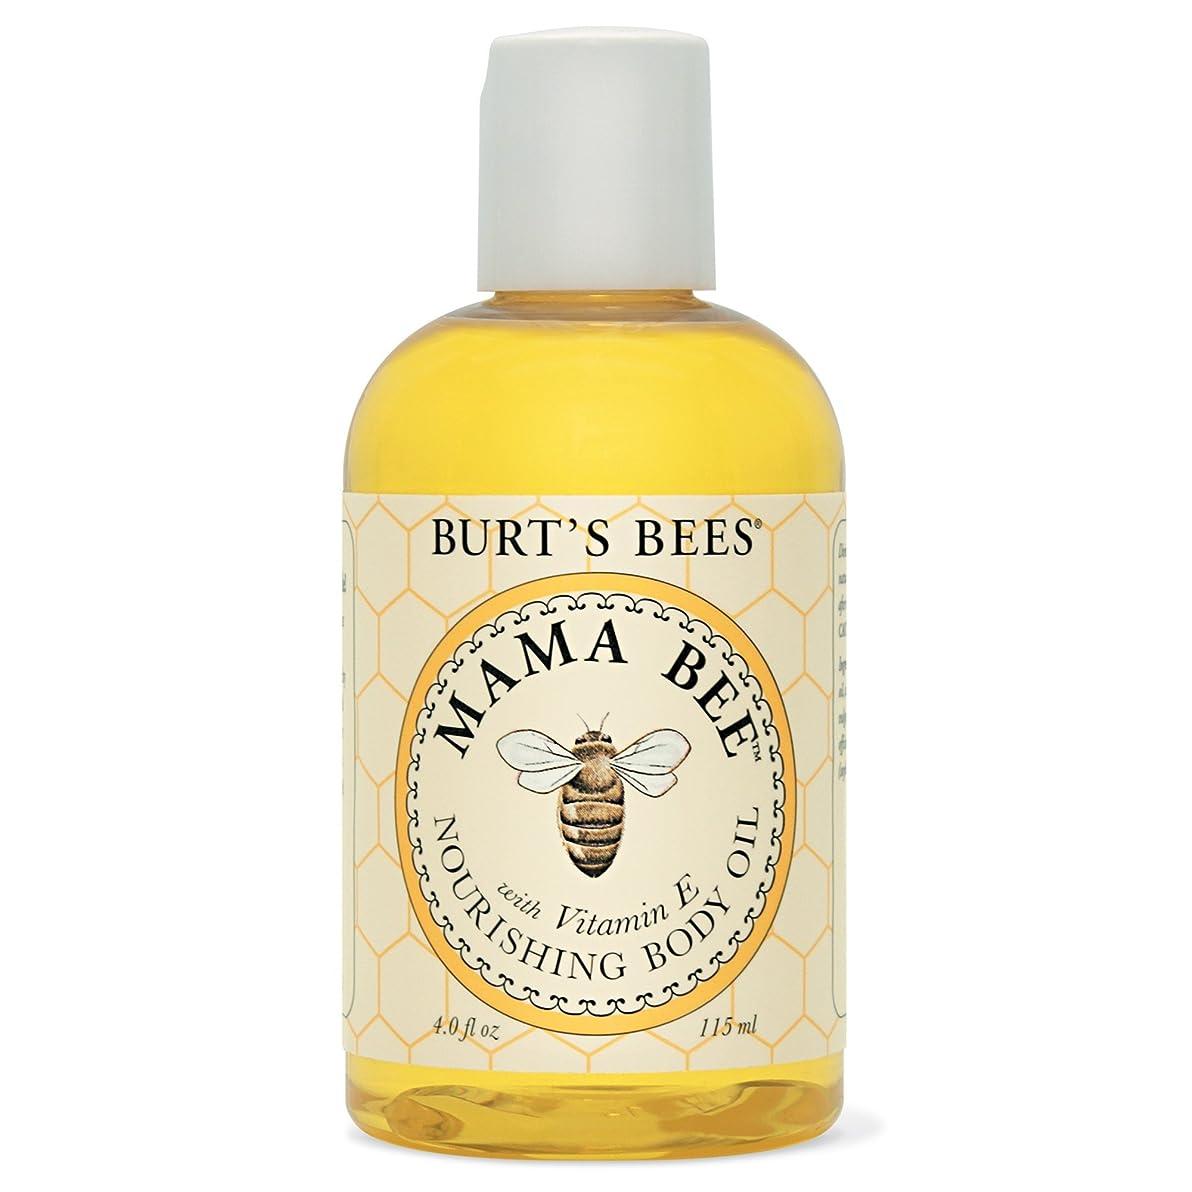 買い手相談する珍しいバーツビーママ蜂栄養ボディオイル115ミリリットル (Burt's Bees) - Burt's Bees Mama Bee Nourishing Body Oil 115ml [並行輸入品]